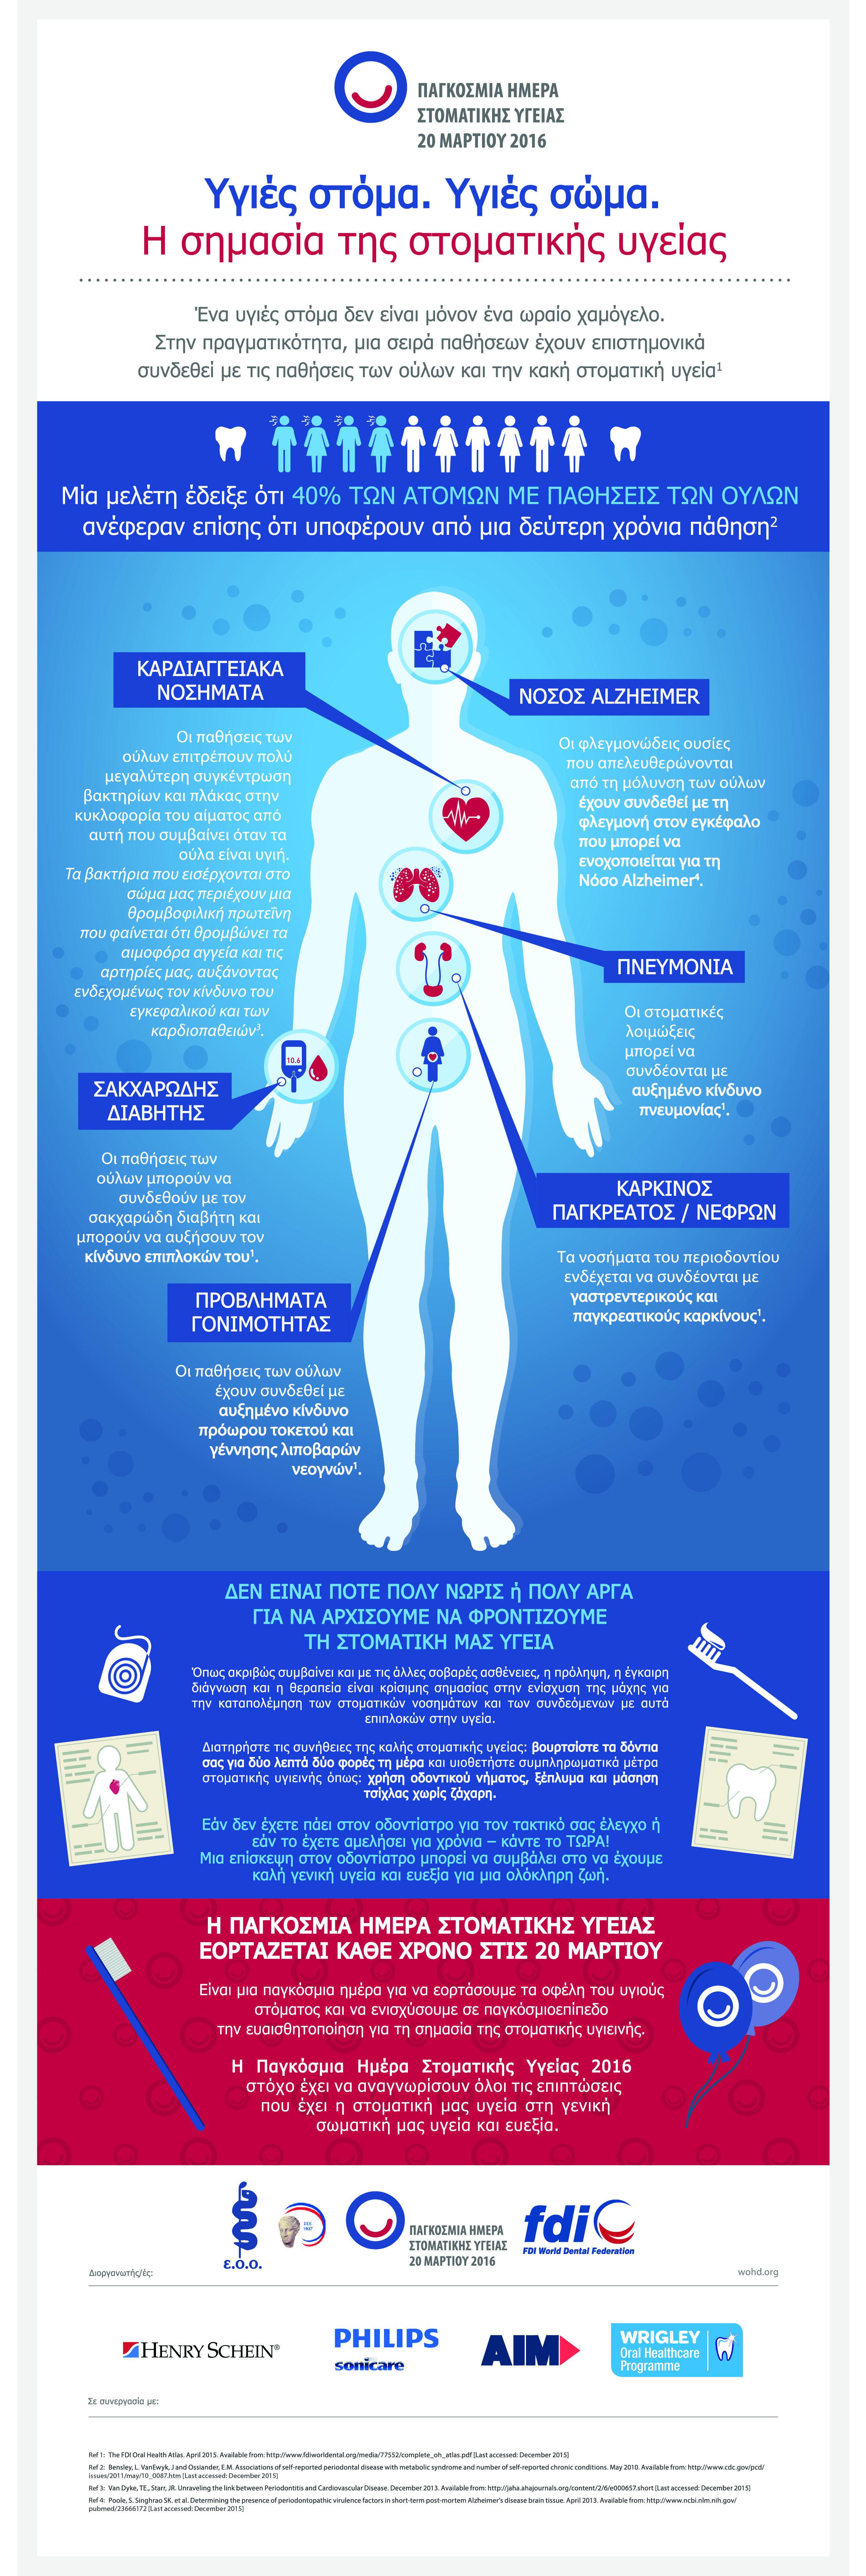 στοματική υγεία